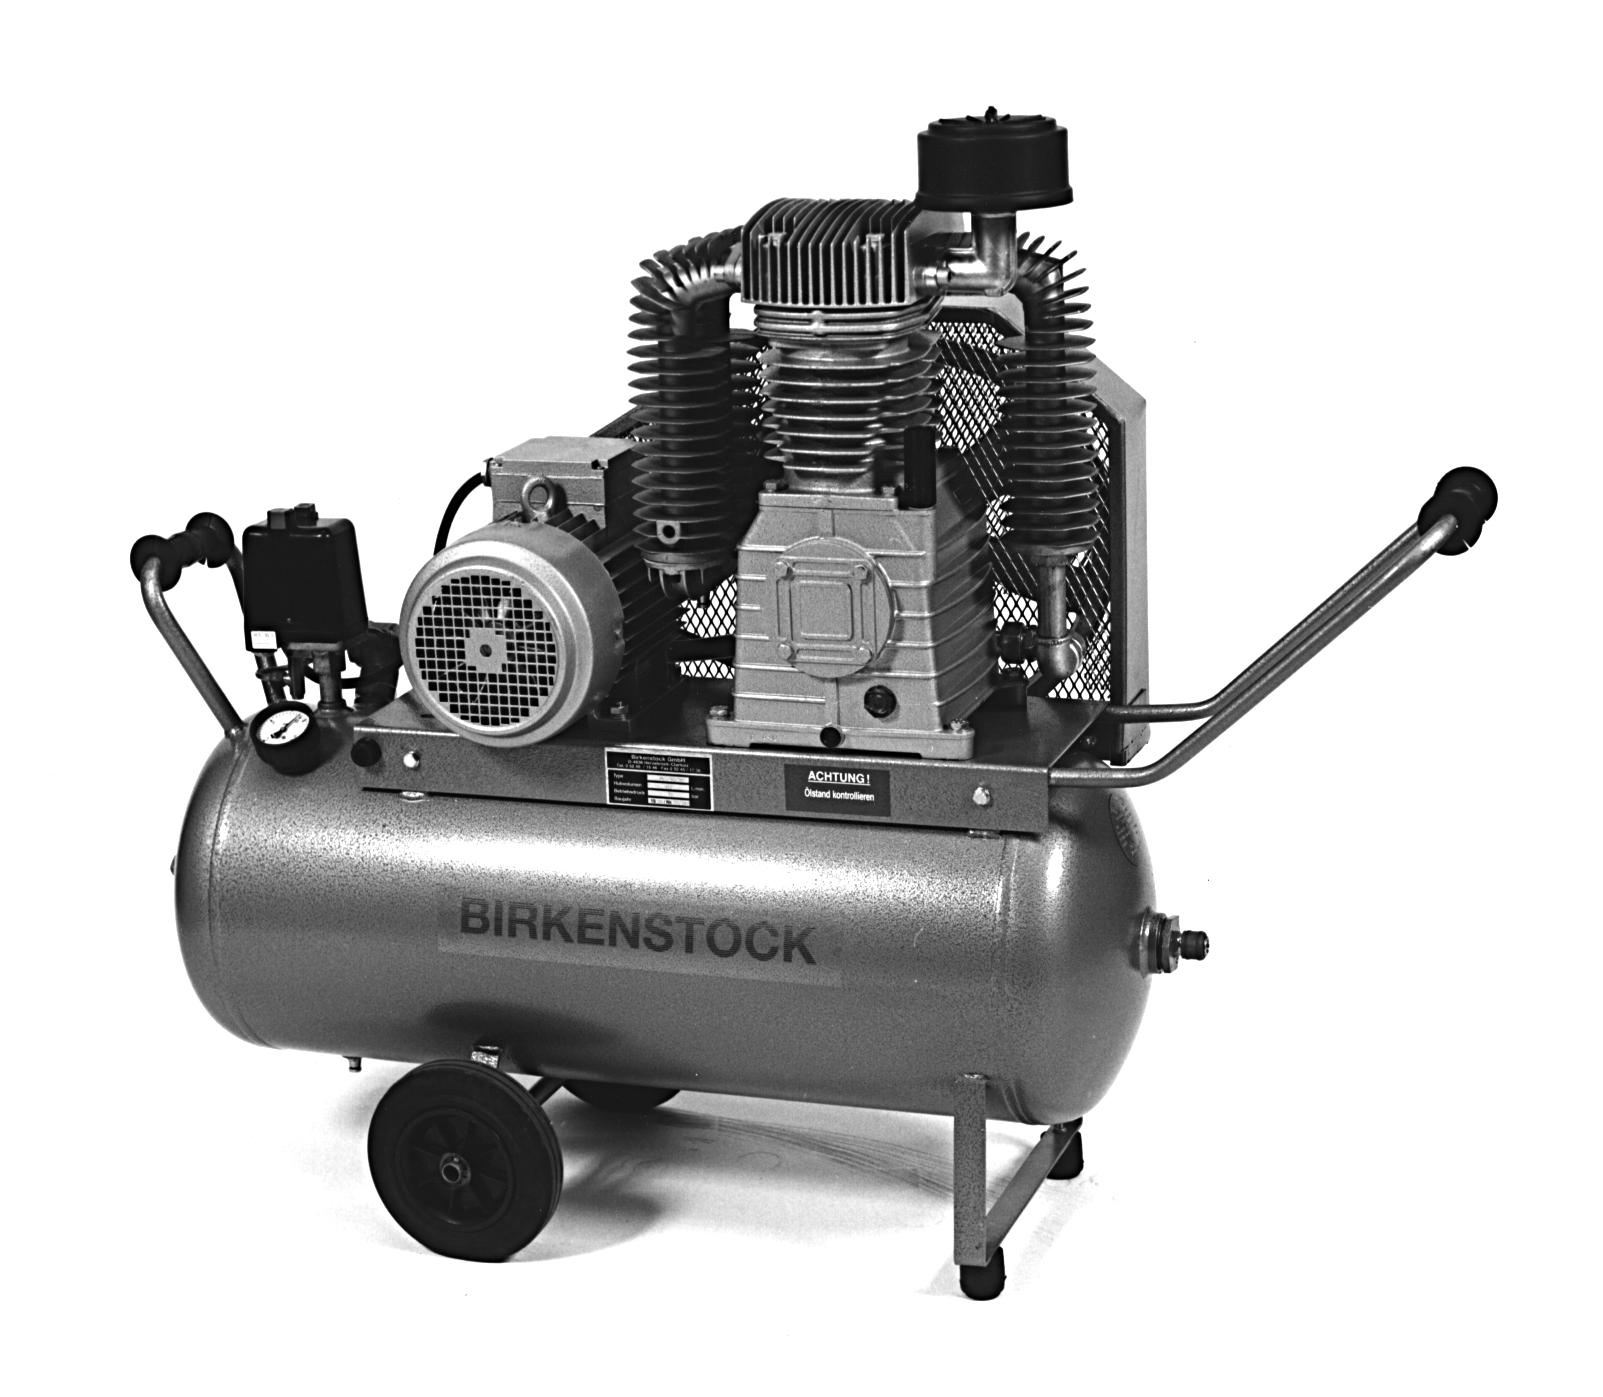 birkenstock kompressor k30 750 90 400 15 bar denner. Black Bedroom Furniture Sets. Home Design Ideas